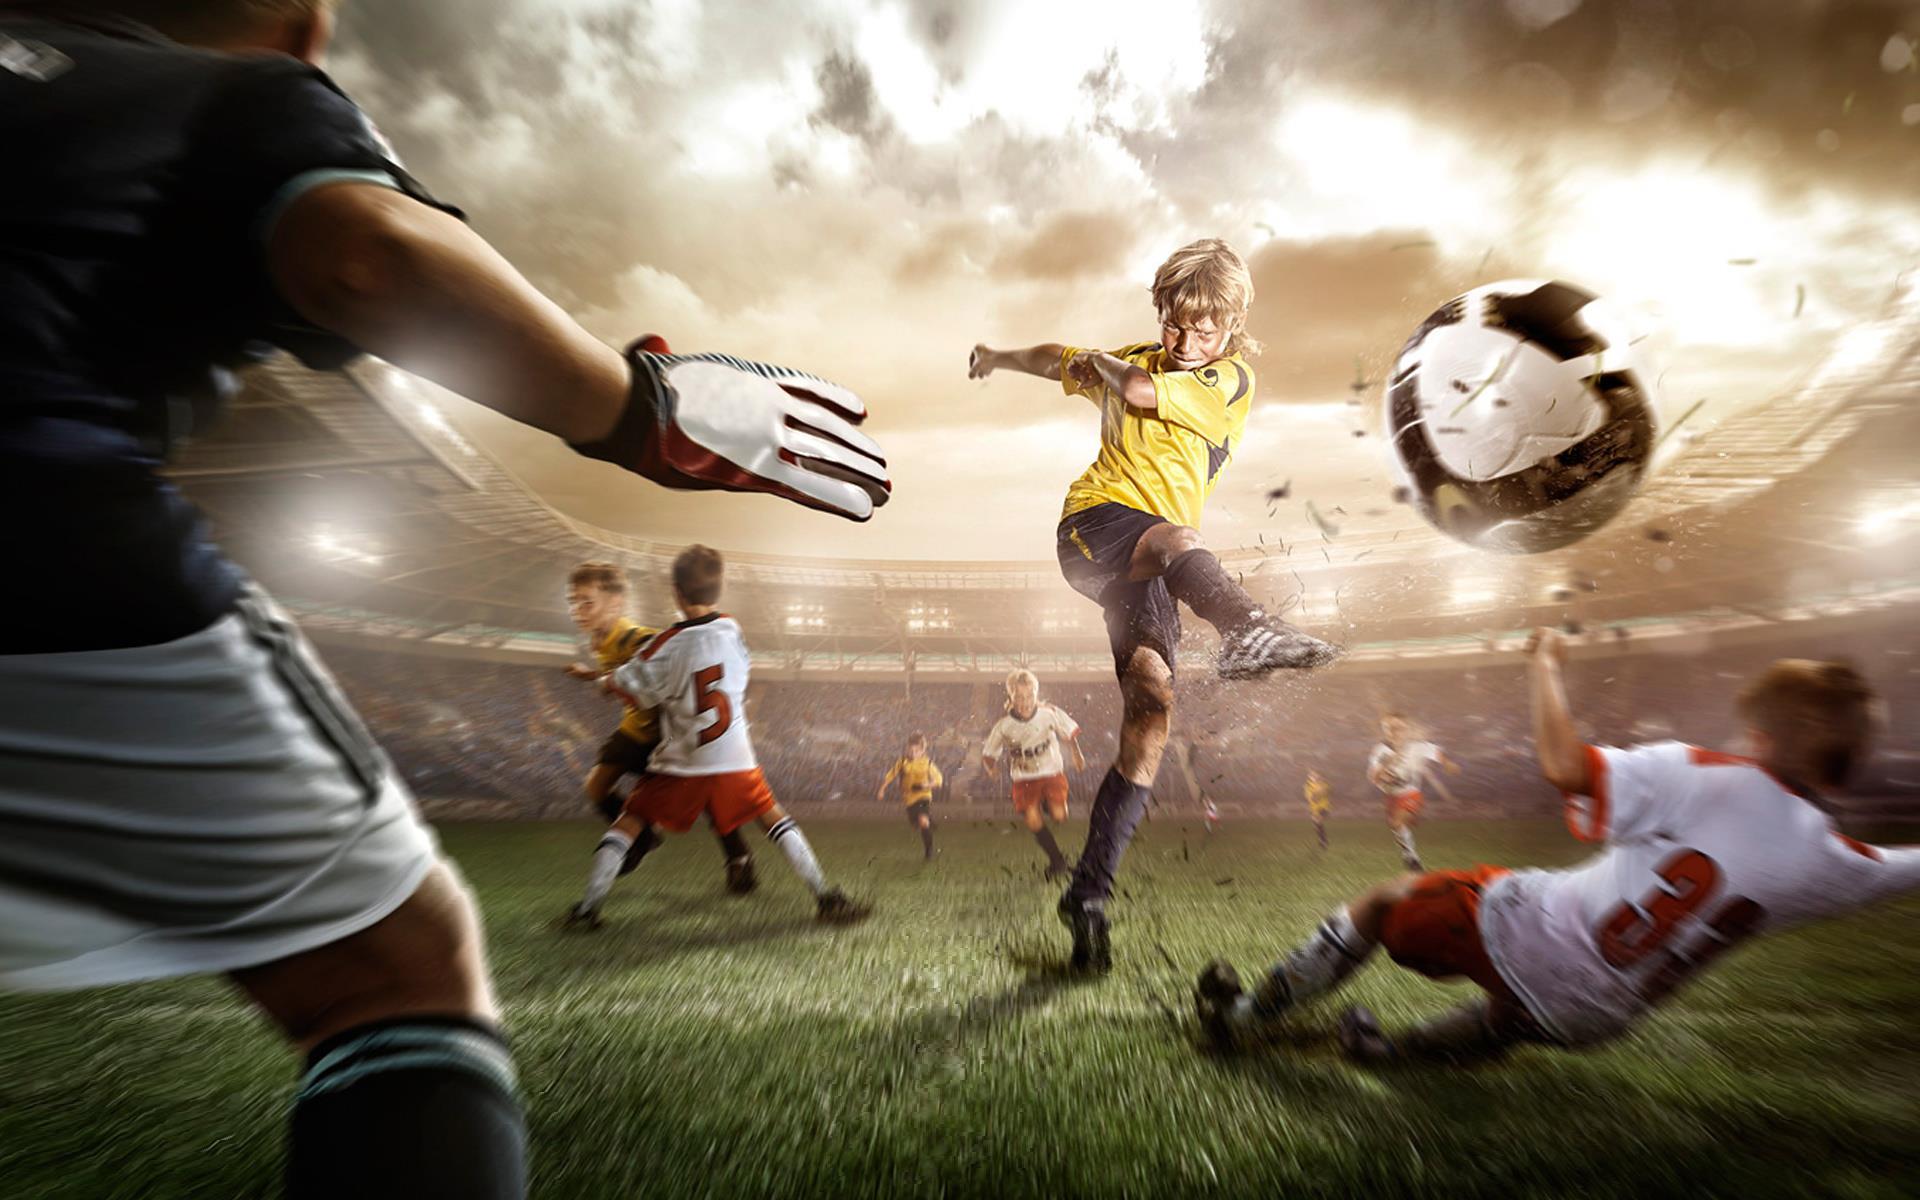 https://socceracademybreda.nl/wp-content/uploads/2019/08/fonds-ecran-football_08.jpg